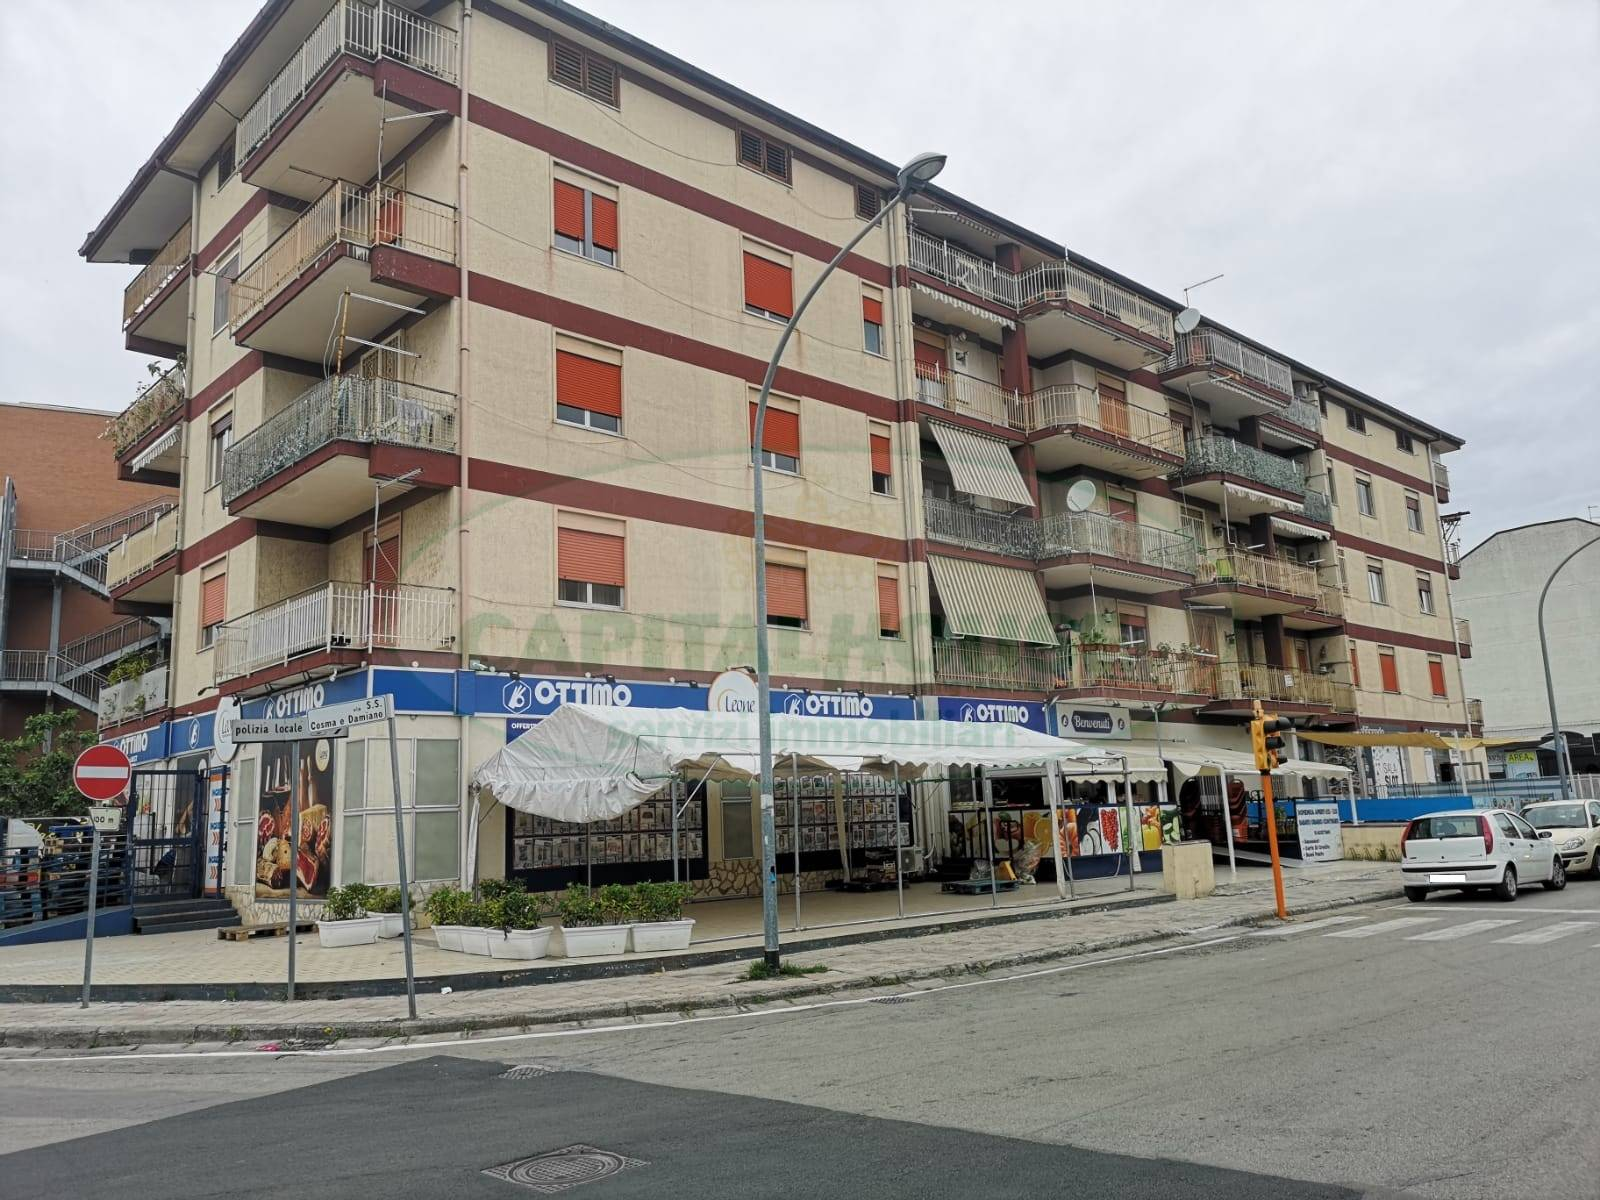 Appartamento in vendita a San Nicola la Strada, 3 locali, zona Località: L.DaVinci, prezzo € 110.000 | CambioCasa.it